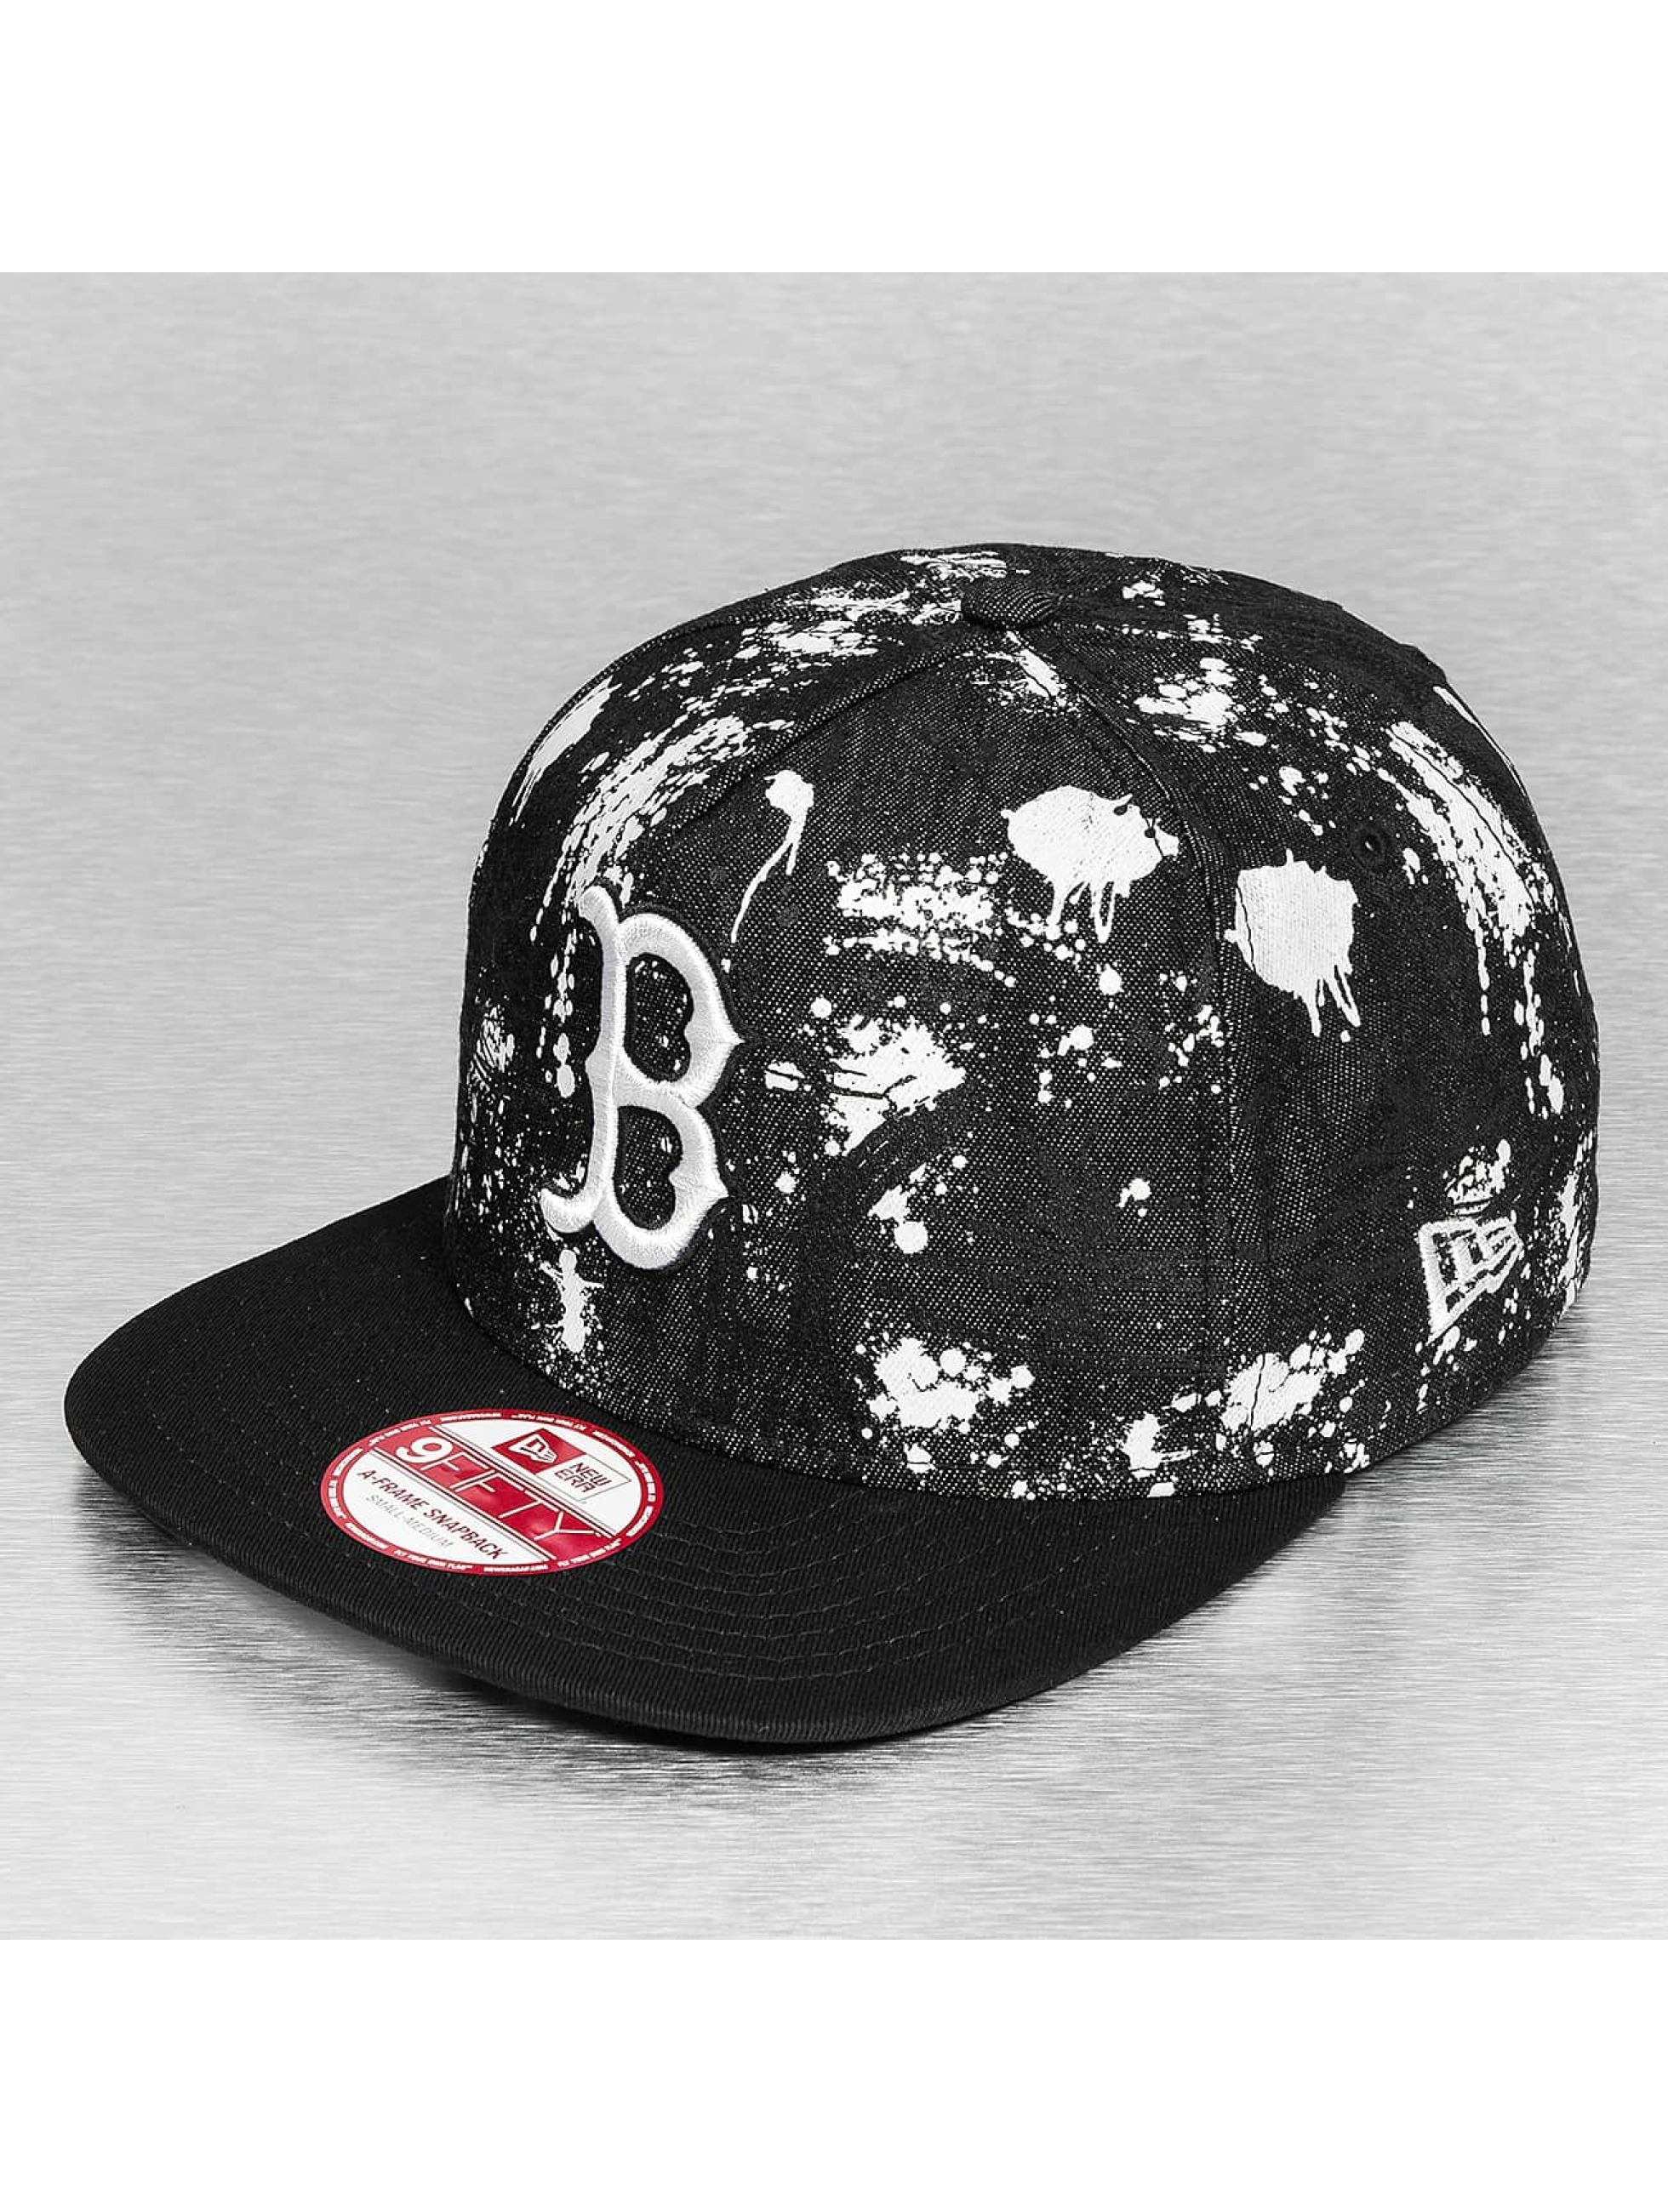 New Era Casquette Snapback & Strapback SA Crown Boston Red Sox noir